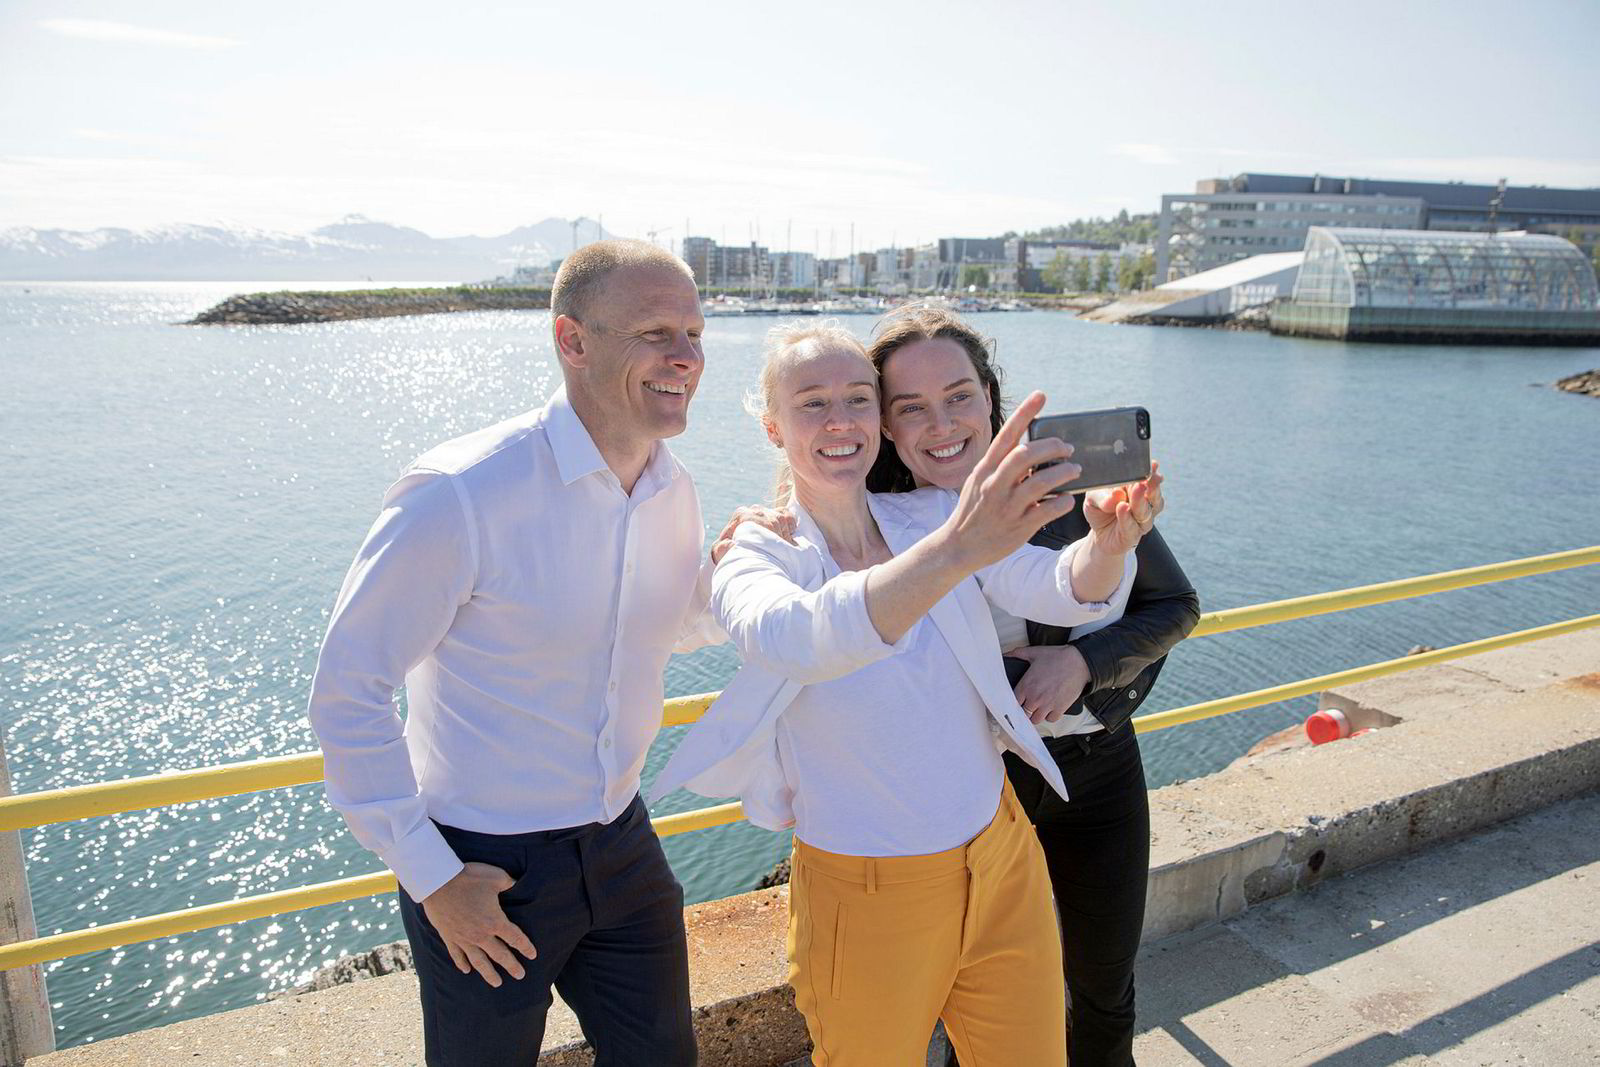 Ledelsen i Aker BioMarine er fornøyd med at forskerne mener fiske etter krill er bærekraftig. Her på kaia i Tromsø. Fra venstre administrerende direktør Matts Johansen, direktør for bærekraft, Runa Haug Khoury, og kommunikasjonssjef Ingeborg Tennes.